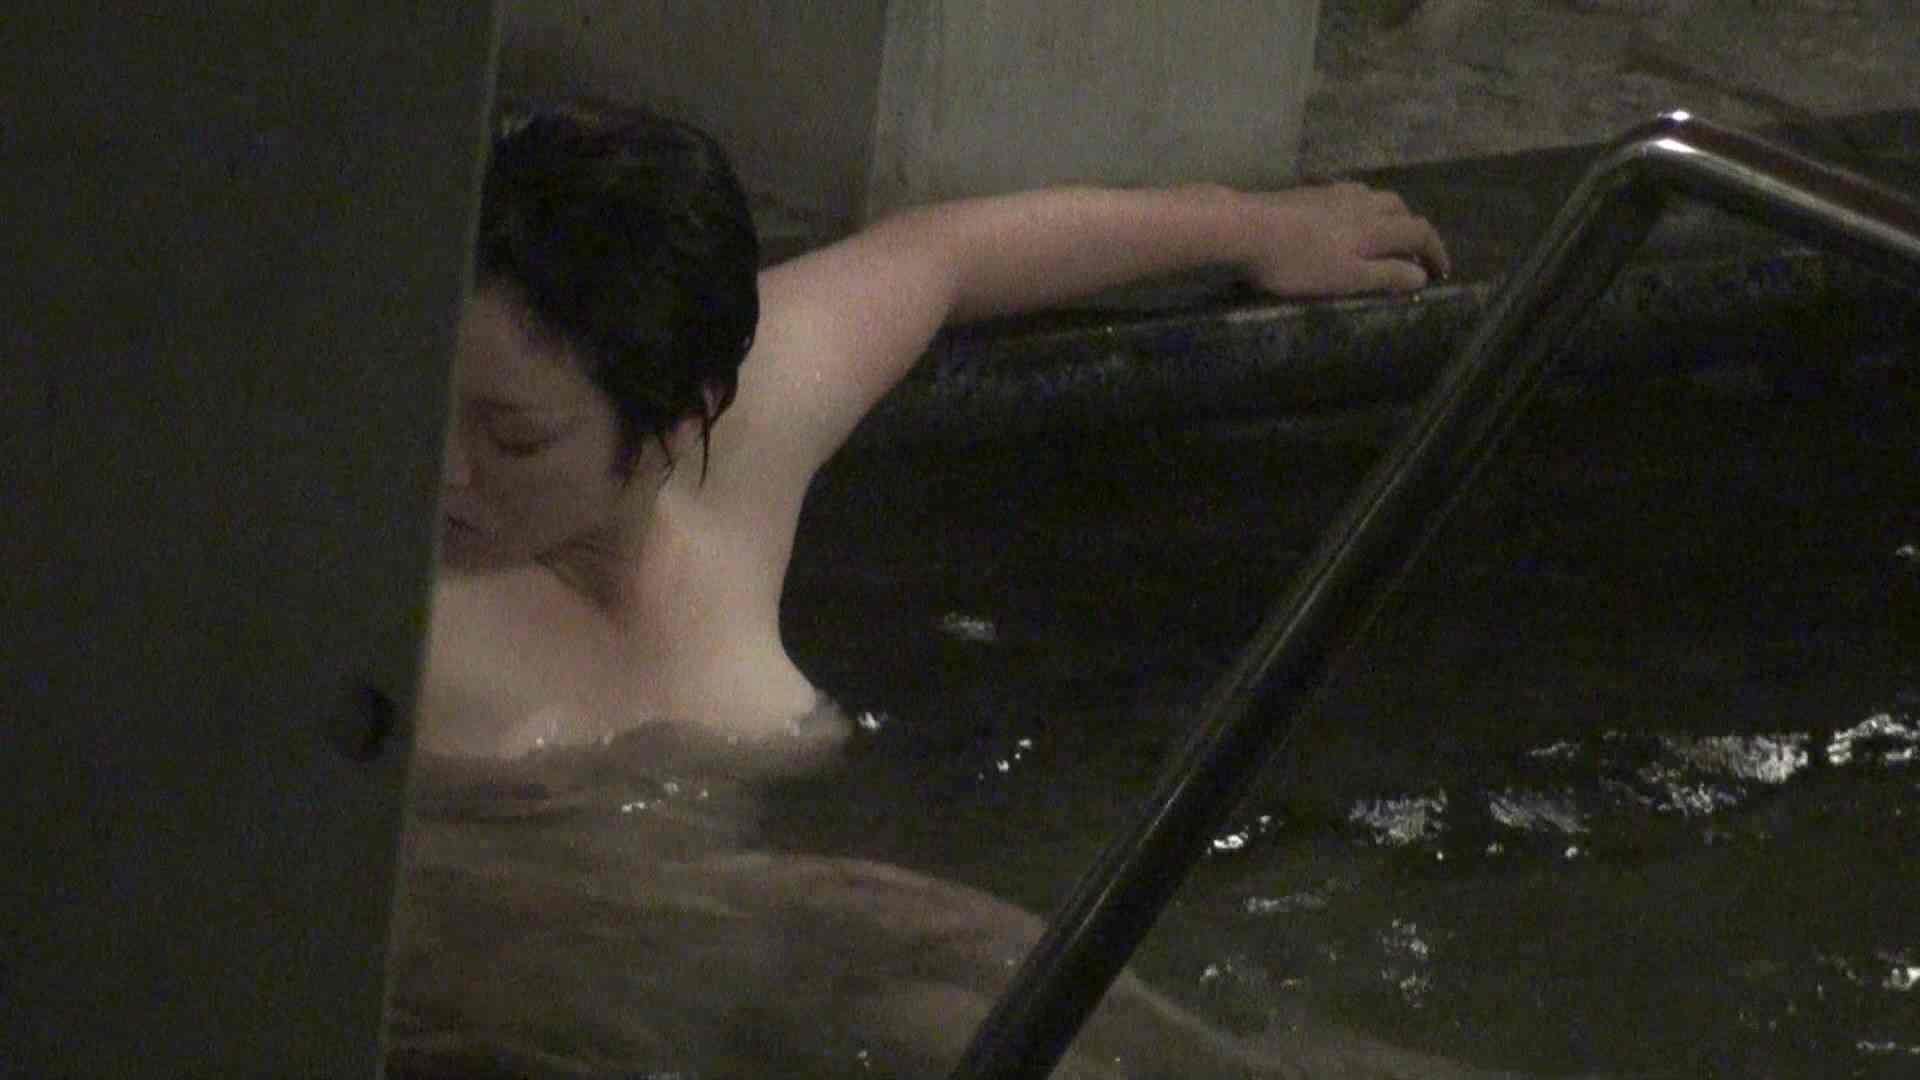 Aquaな露天風呂Vol.338 エッチな盗撮 エロ画像 101pic 58